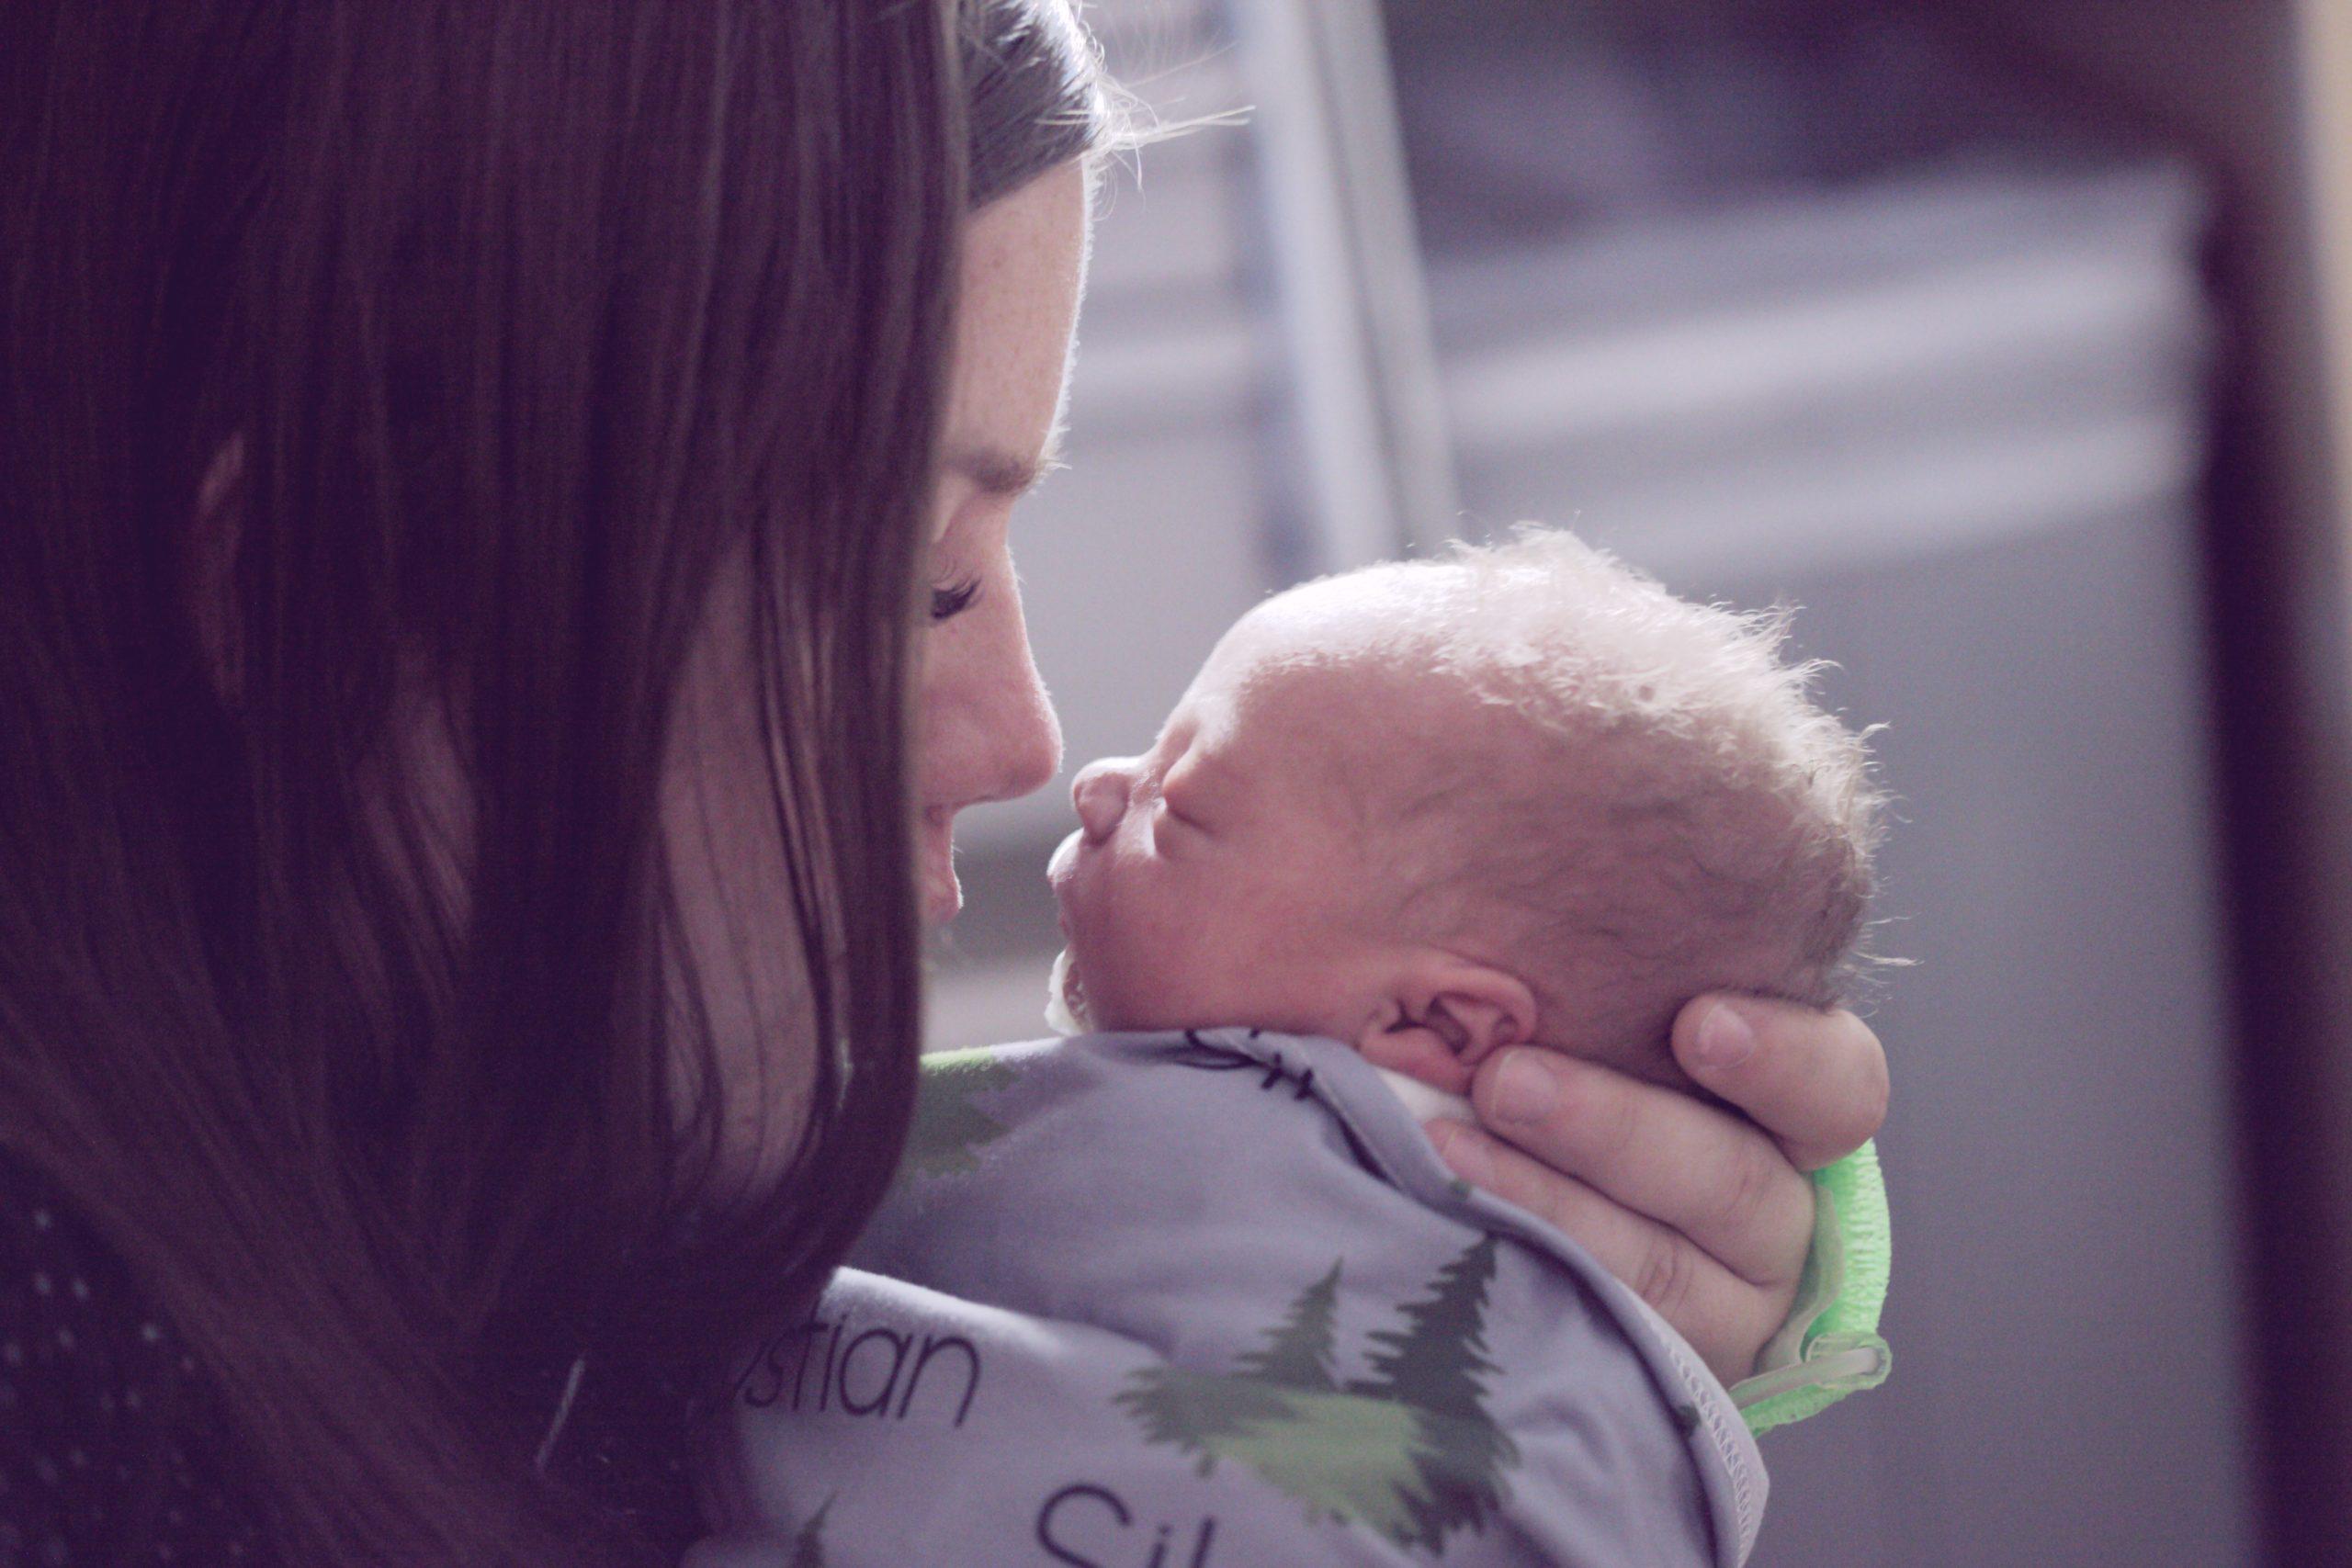 【産後ケア事業とは】家族等から支援を受けられない方を助ける事業です